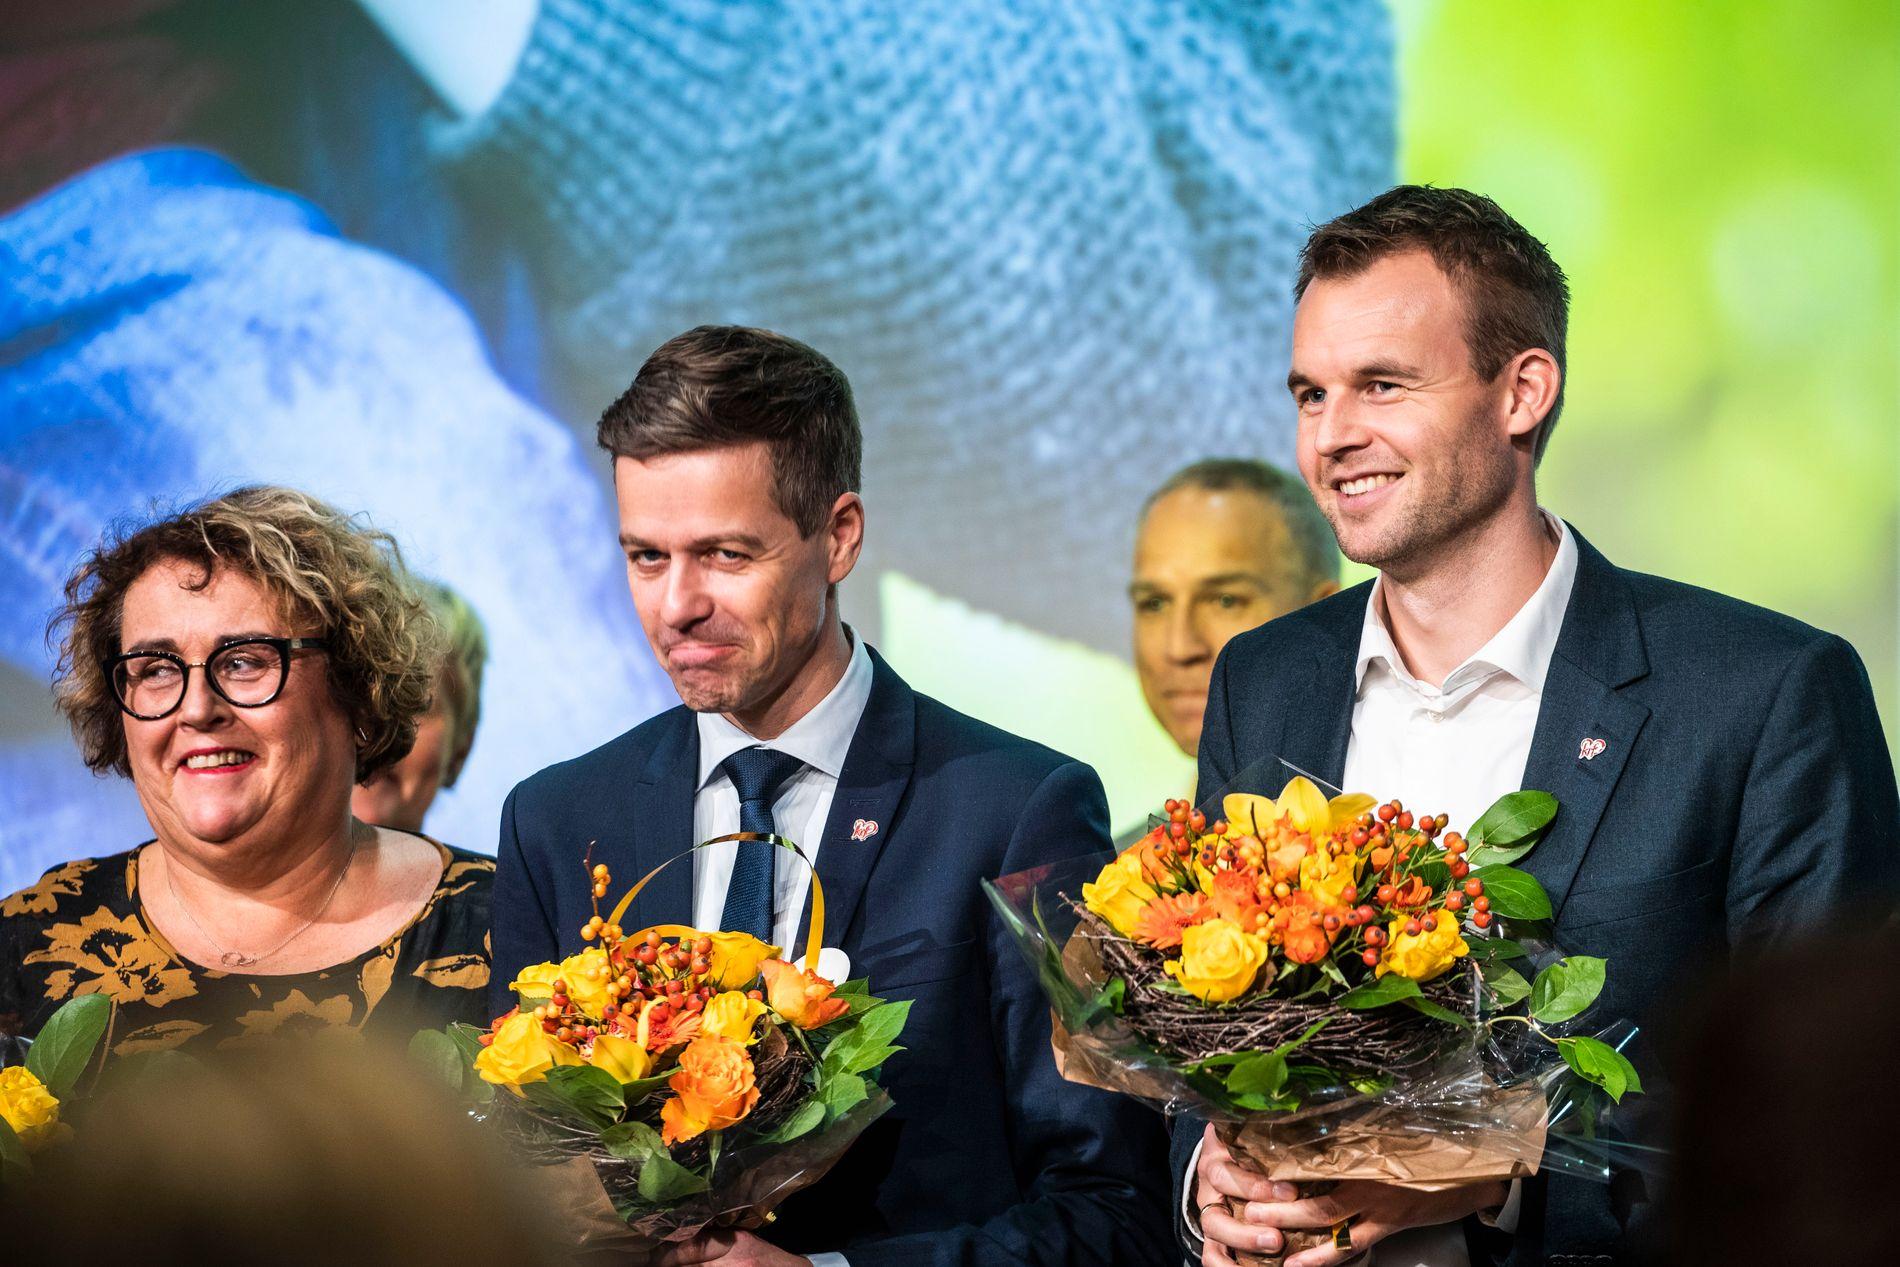 NY LEDER?: Kjell Ingolf Ropstad kan bli ny leder i KrF etter at Hareide tapte valget om retning fredag.